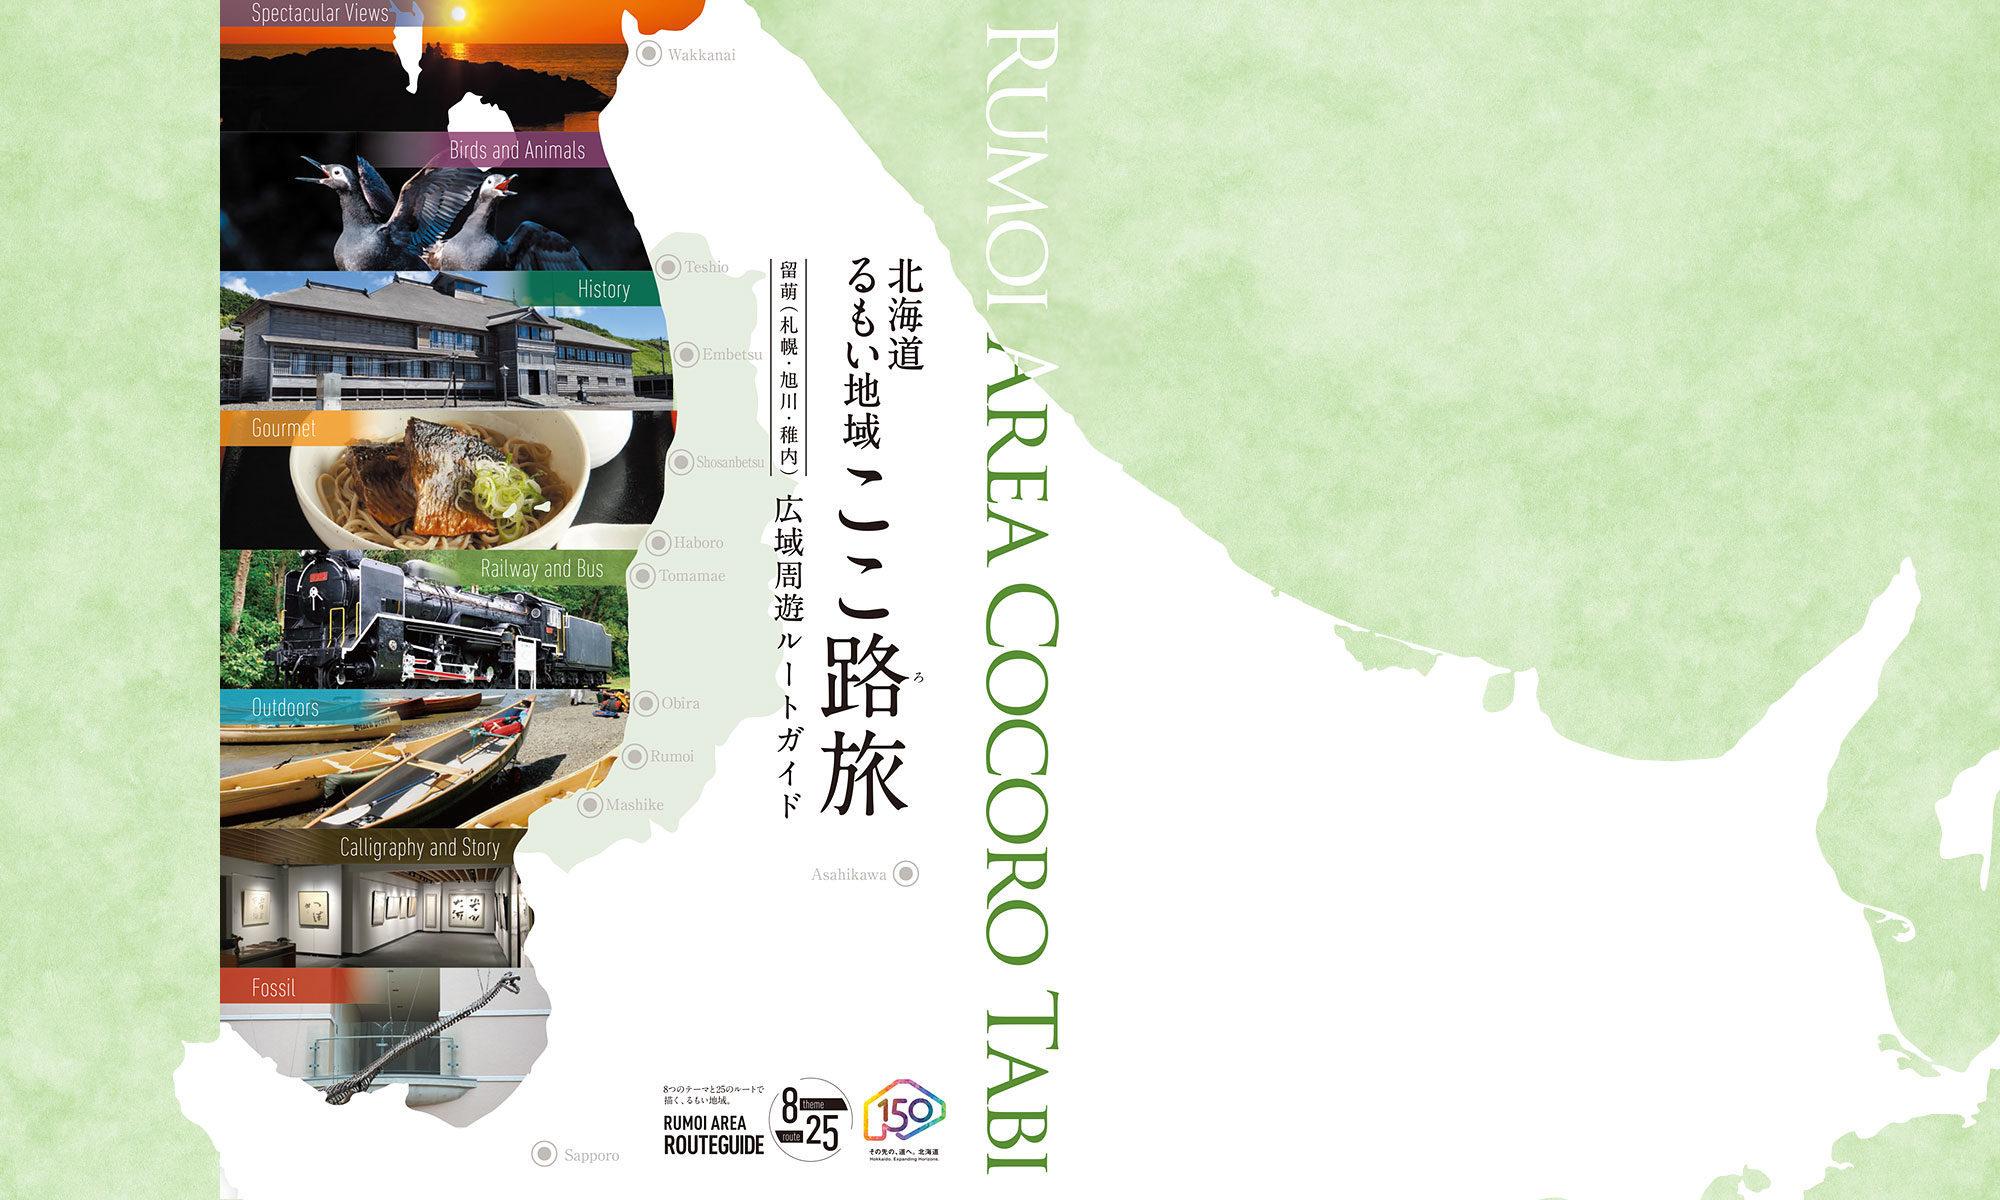 北海道るもい地域 ここ路旅 -RUMOI AREA COCORO TABI-